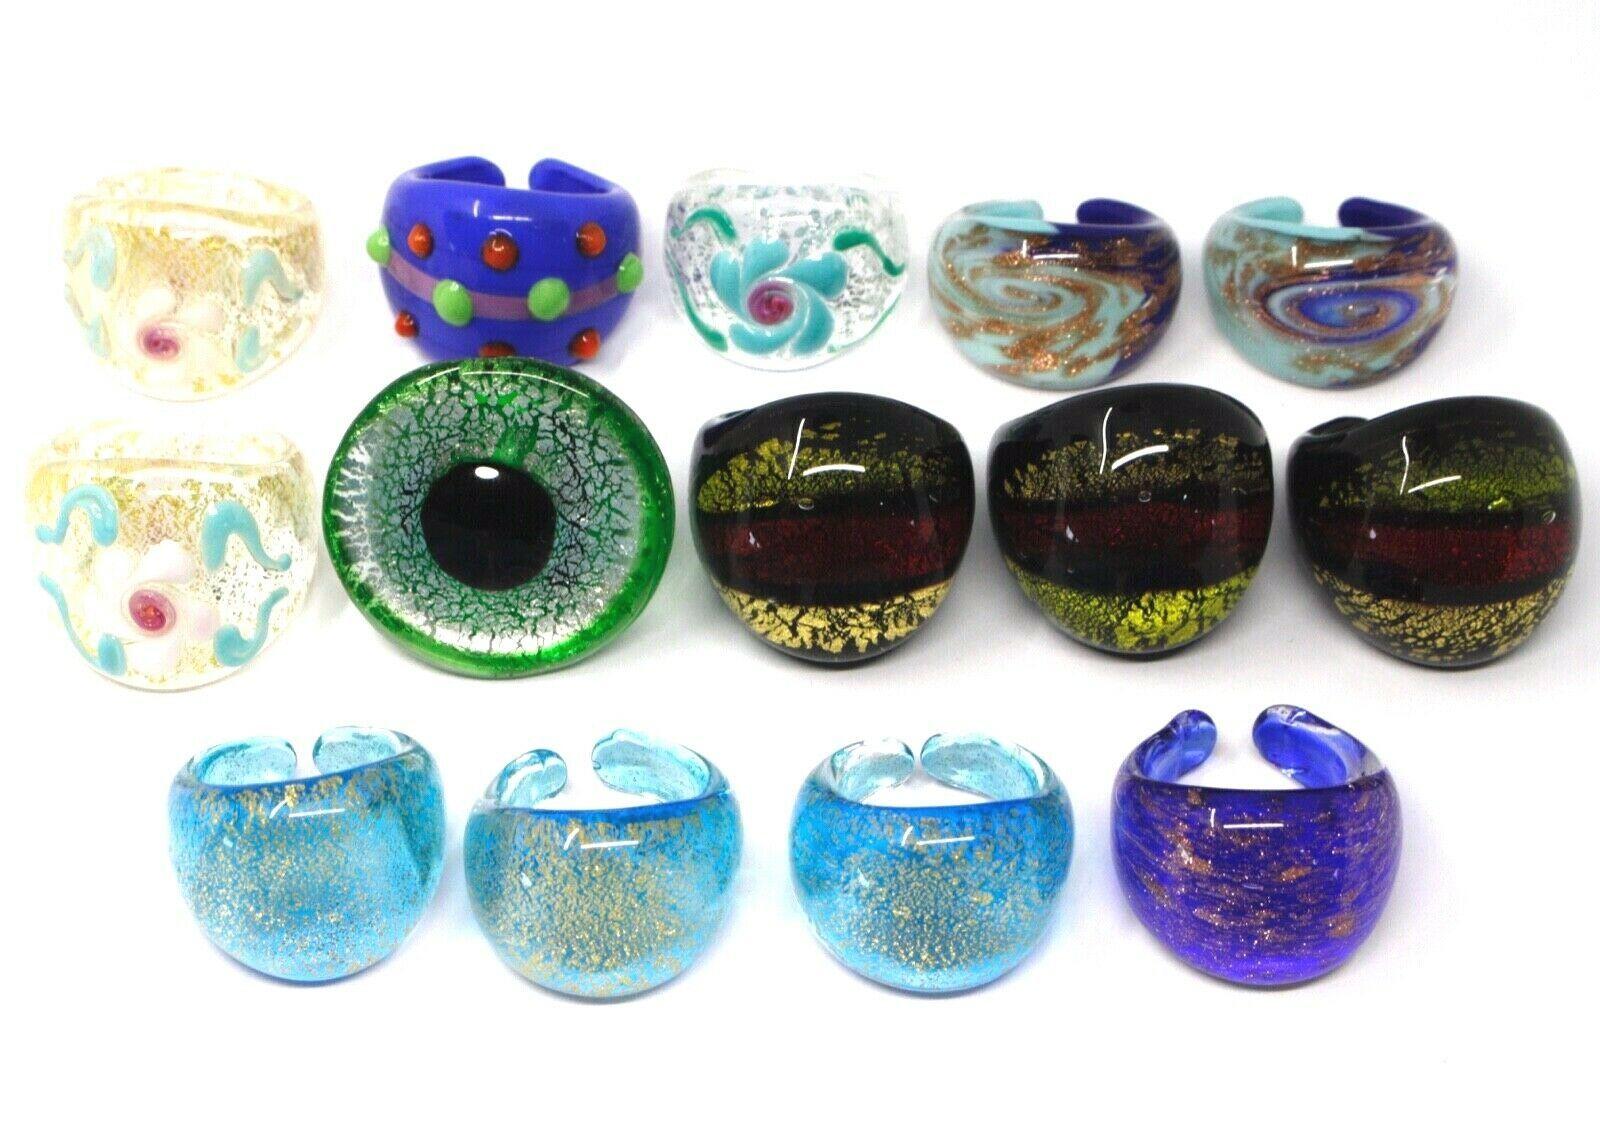 LOT OF 14 ANTICA MURRINA VENEZIA BAND RINGS, MURANO GLASS